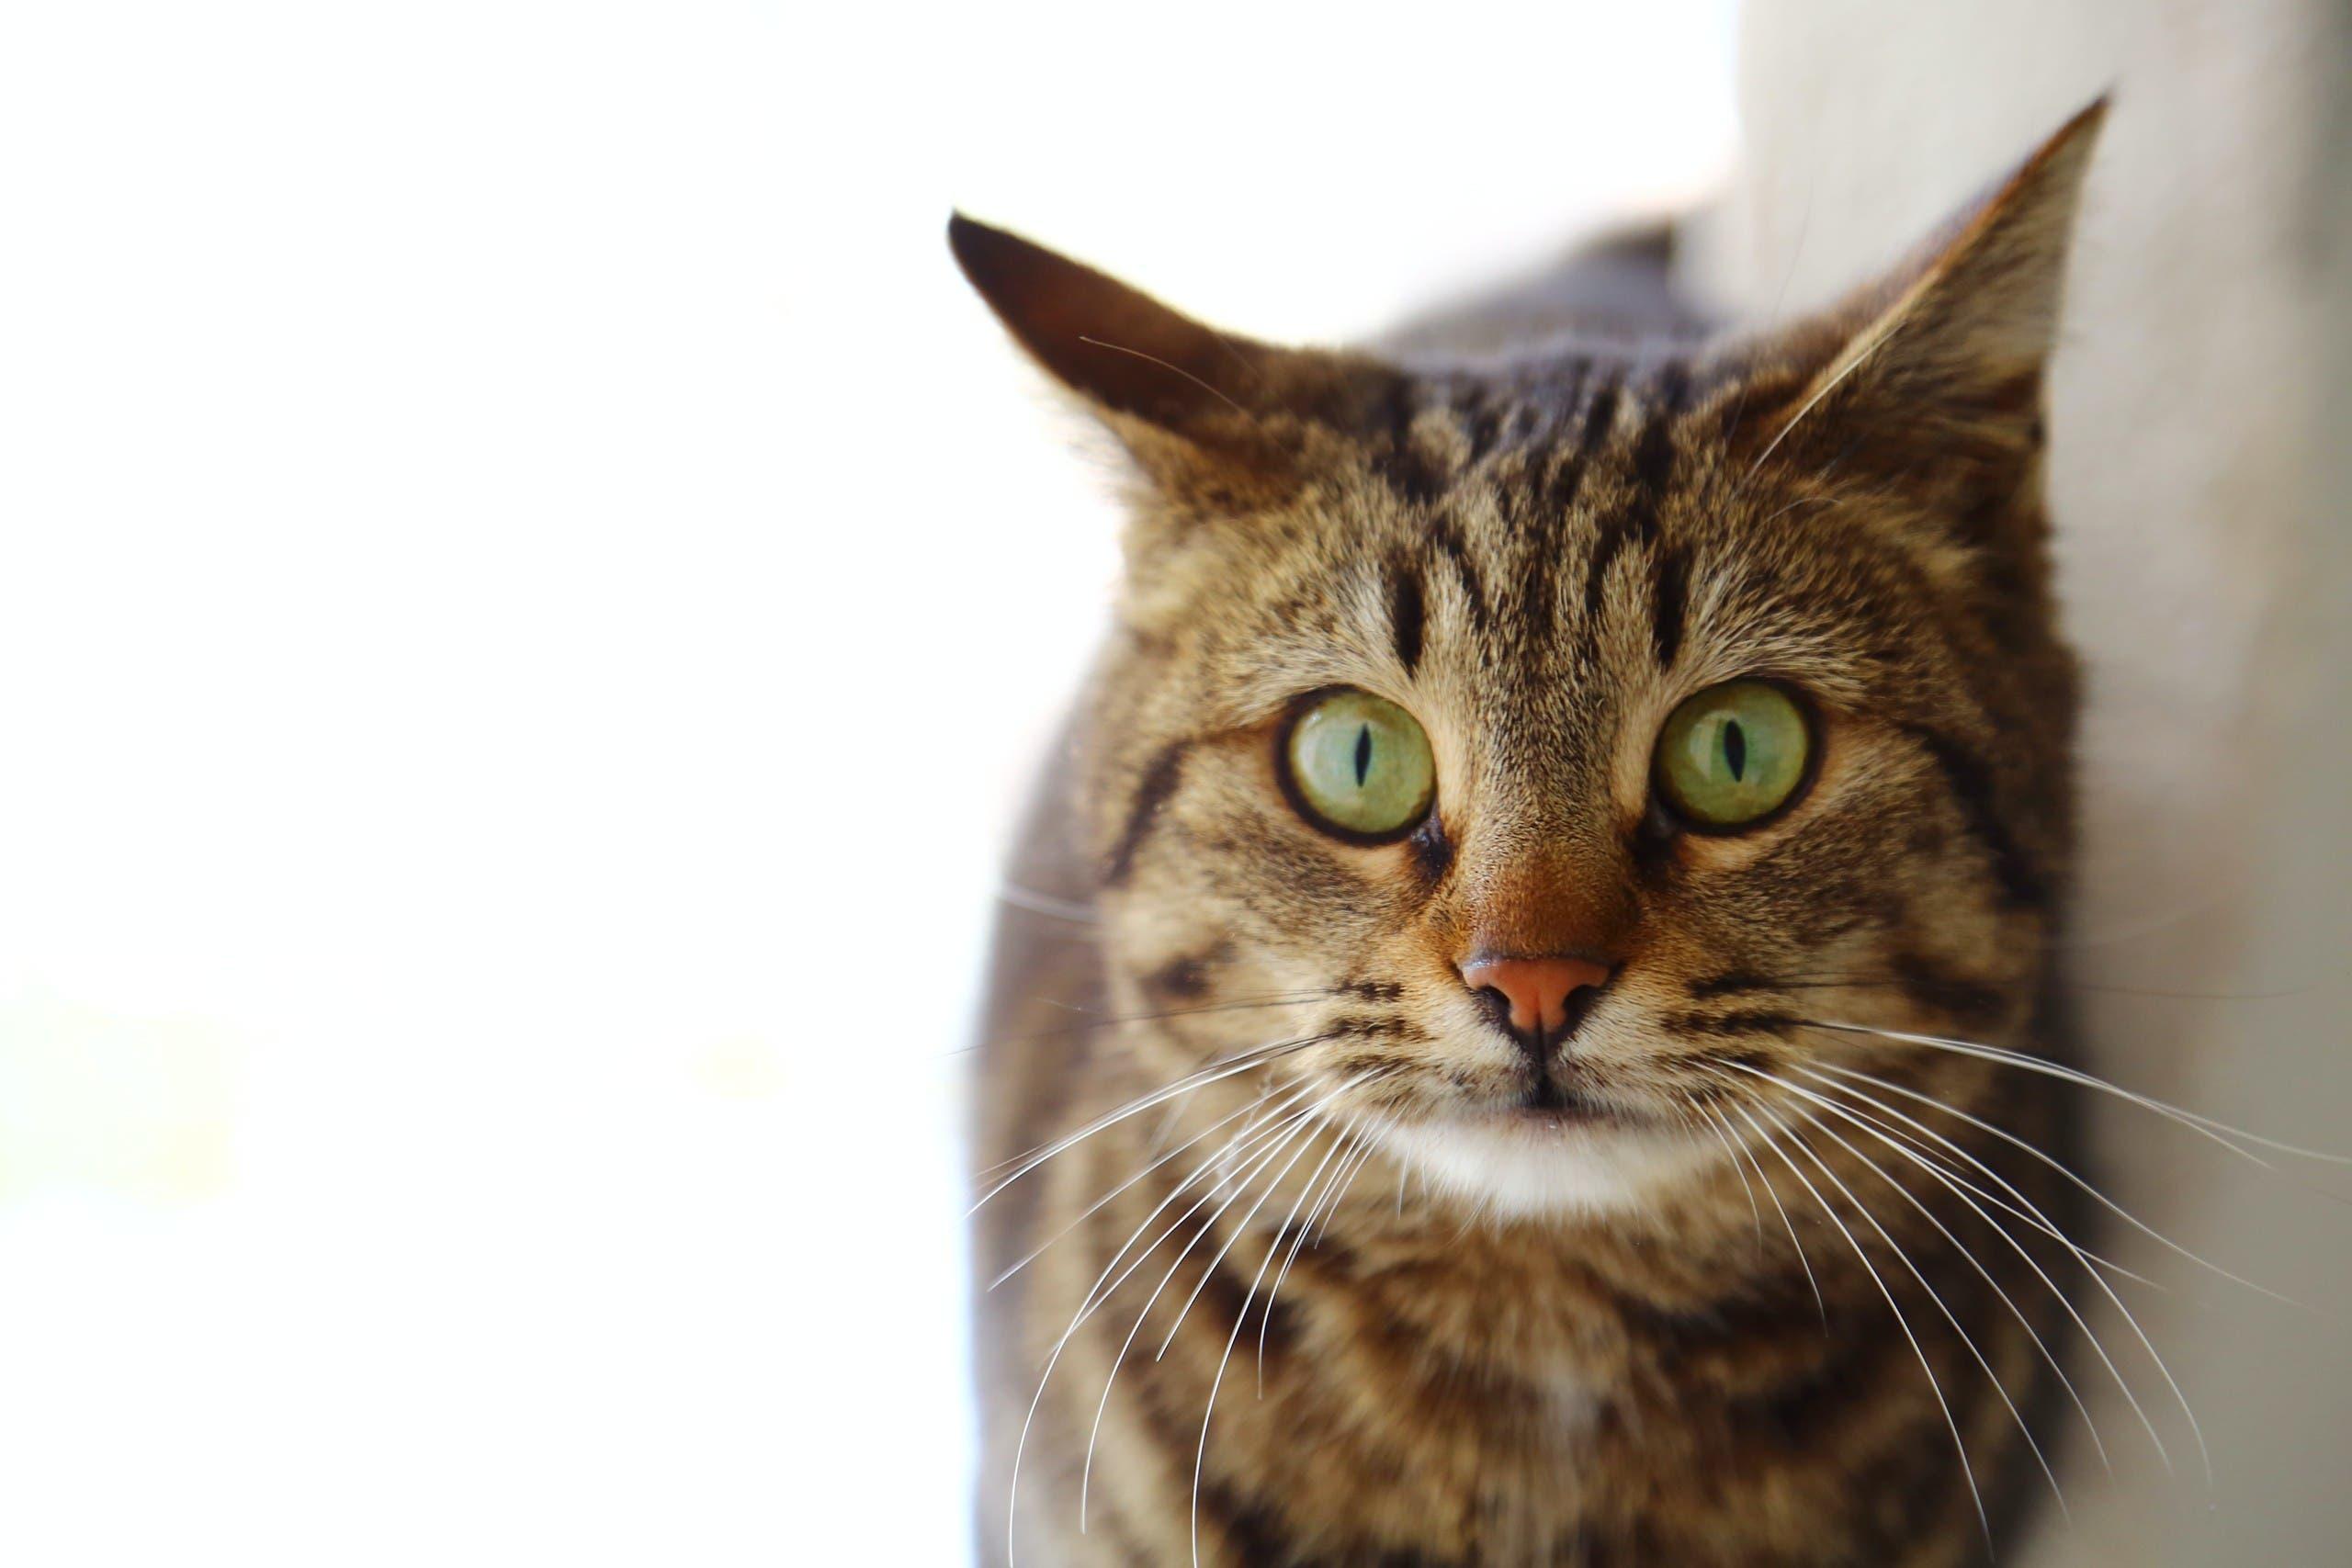 Tabby cat. (Unsplash, Engin Akyurt)